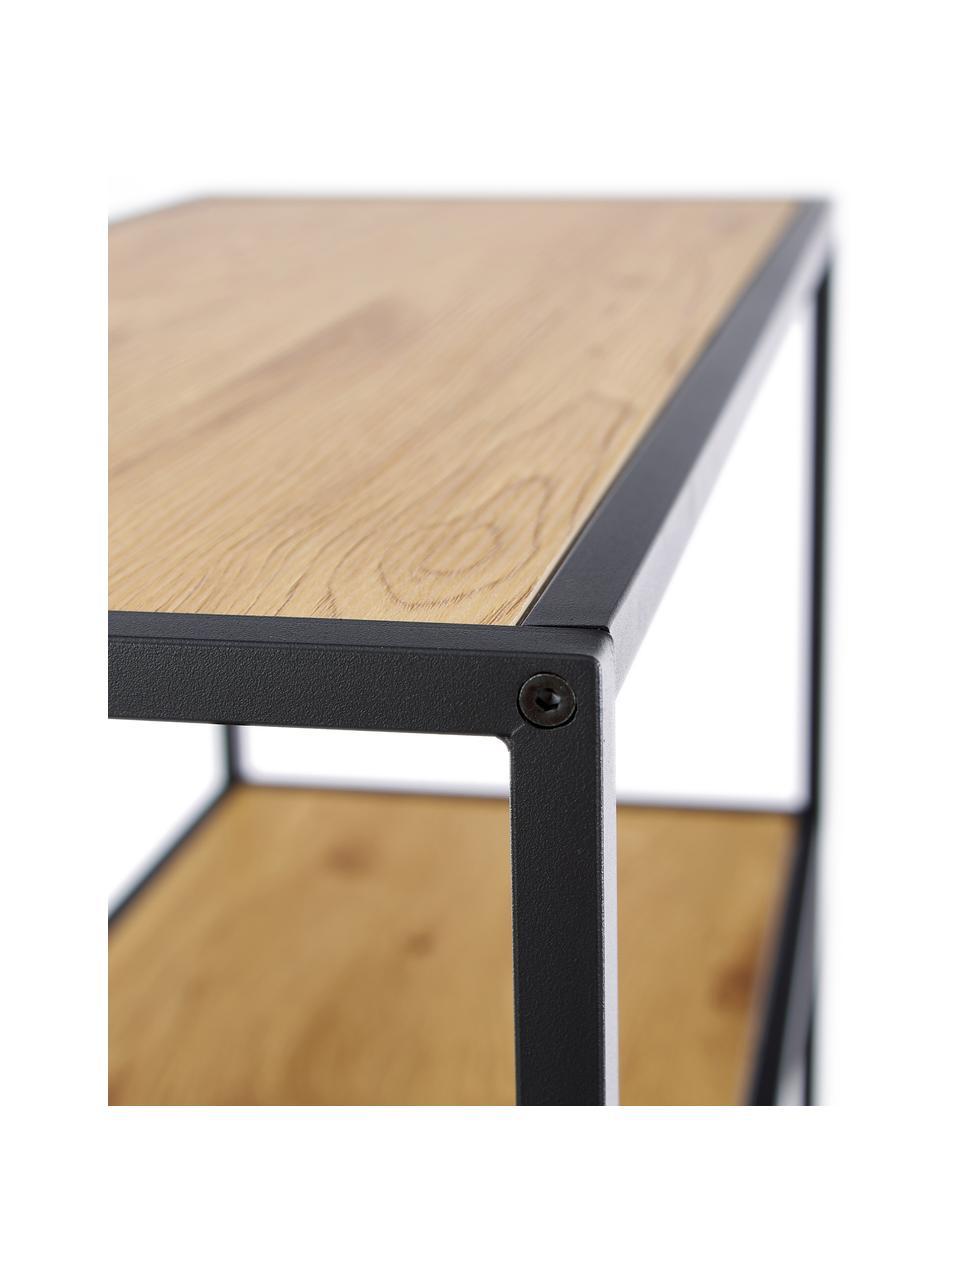 Regał z drewna i metalu Seaford, Stelaż: metal lakierowany proszko, Czarny, drewno dzikiego dębu, S 77 x W 150 cm